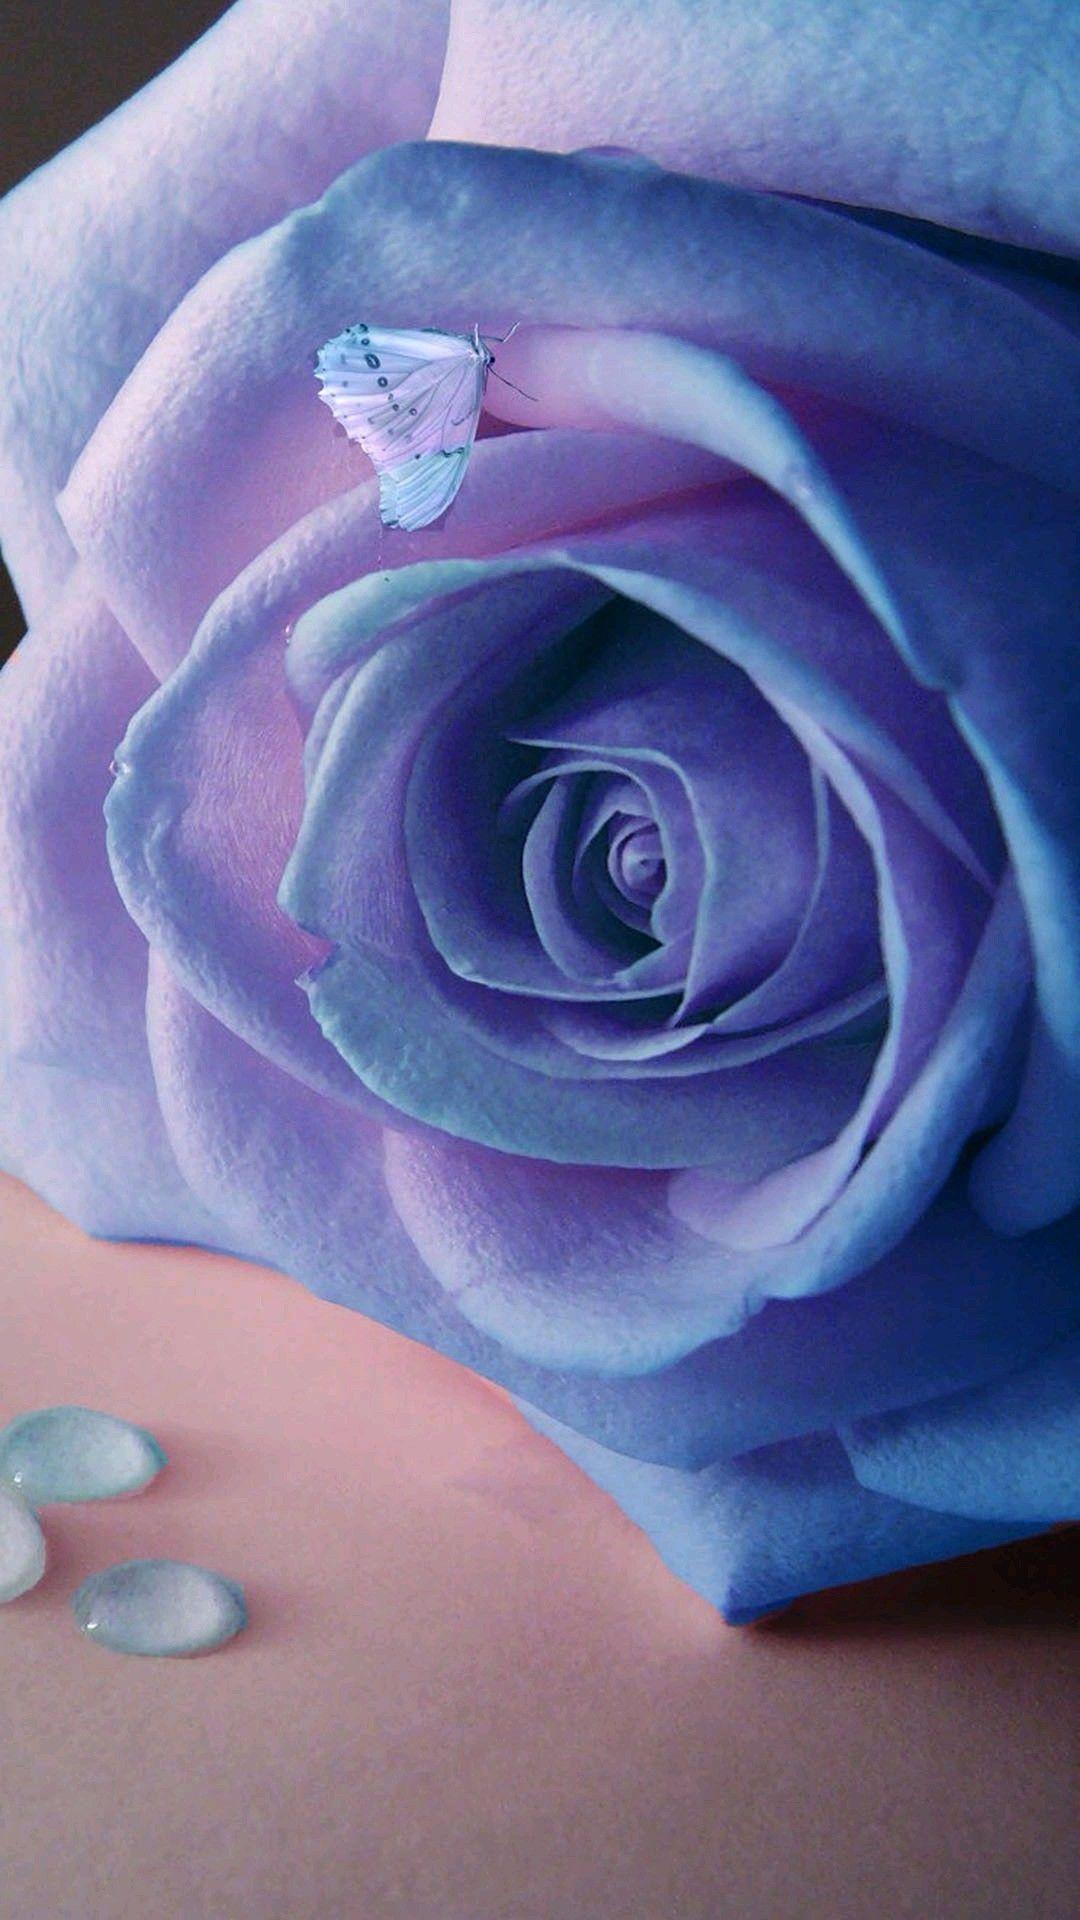 Розы на воде картинки на айфон, смайлов одноклассниках